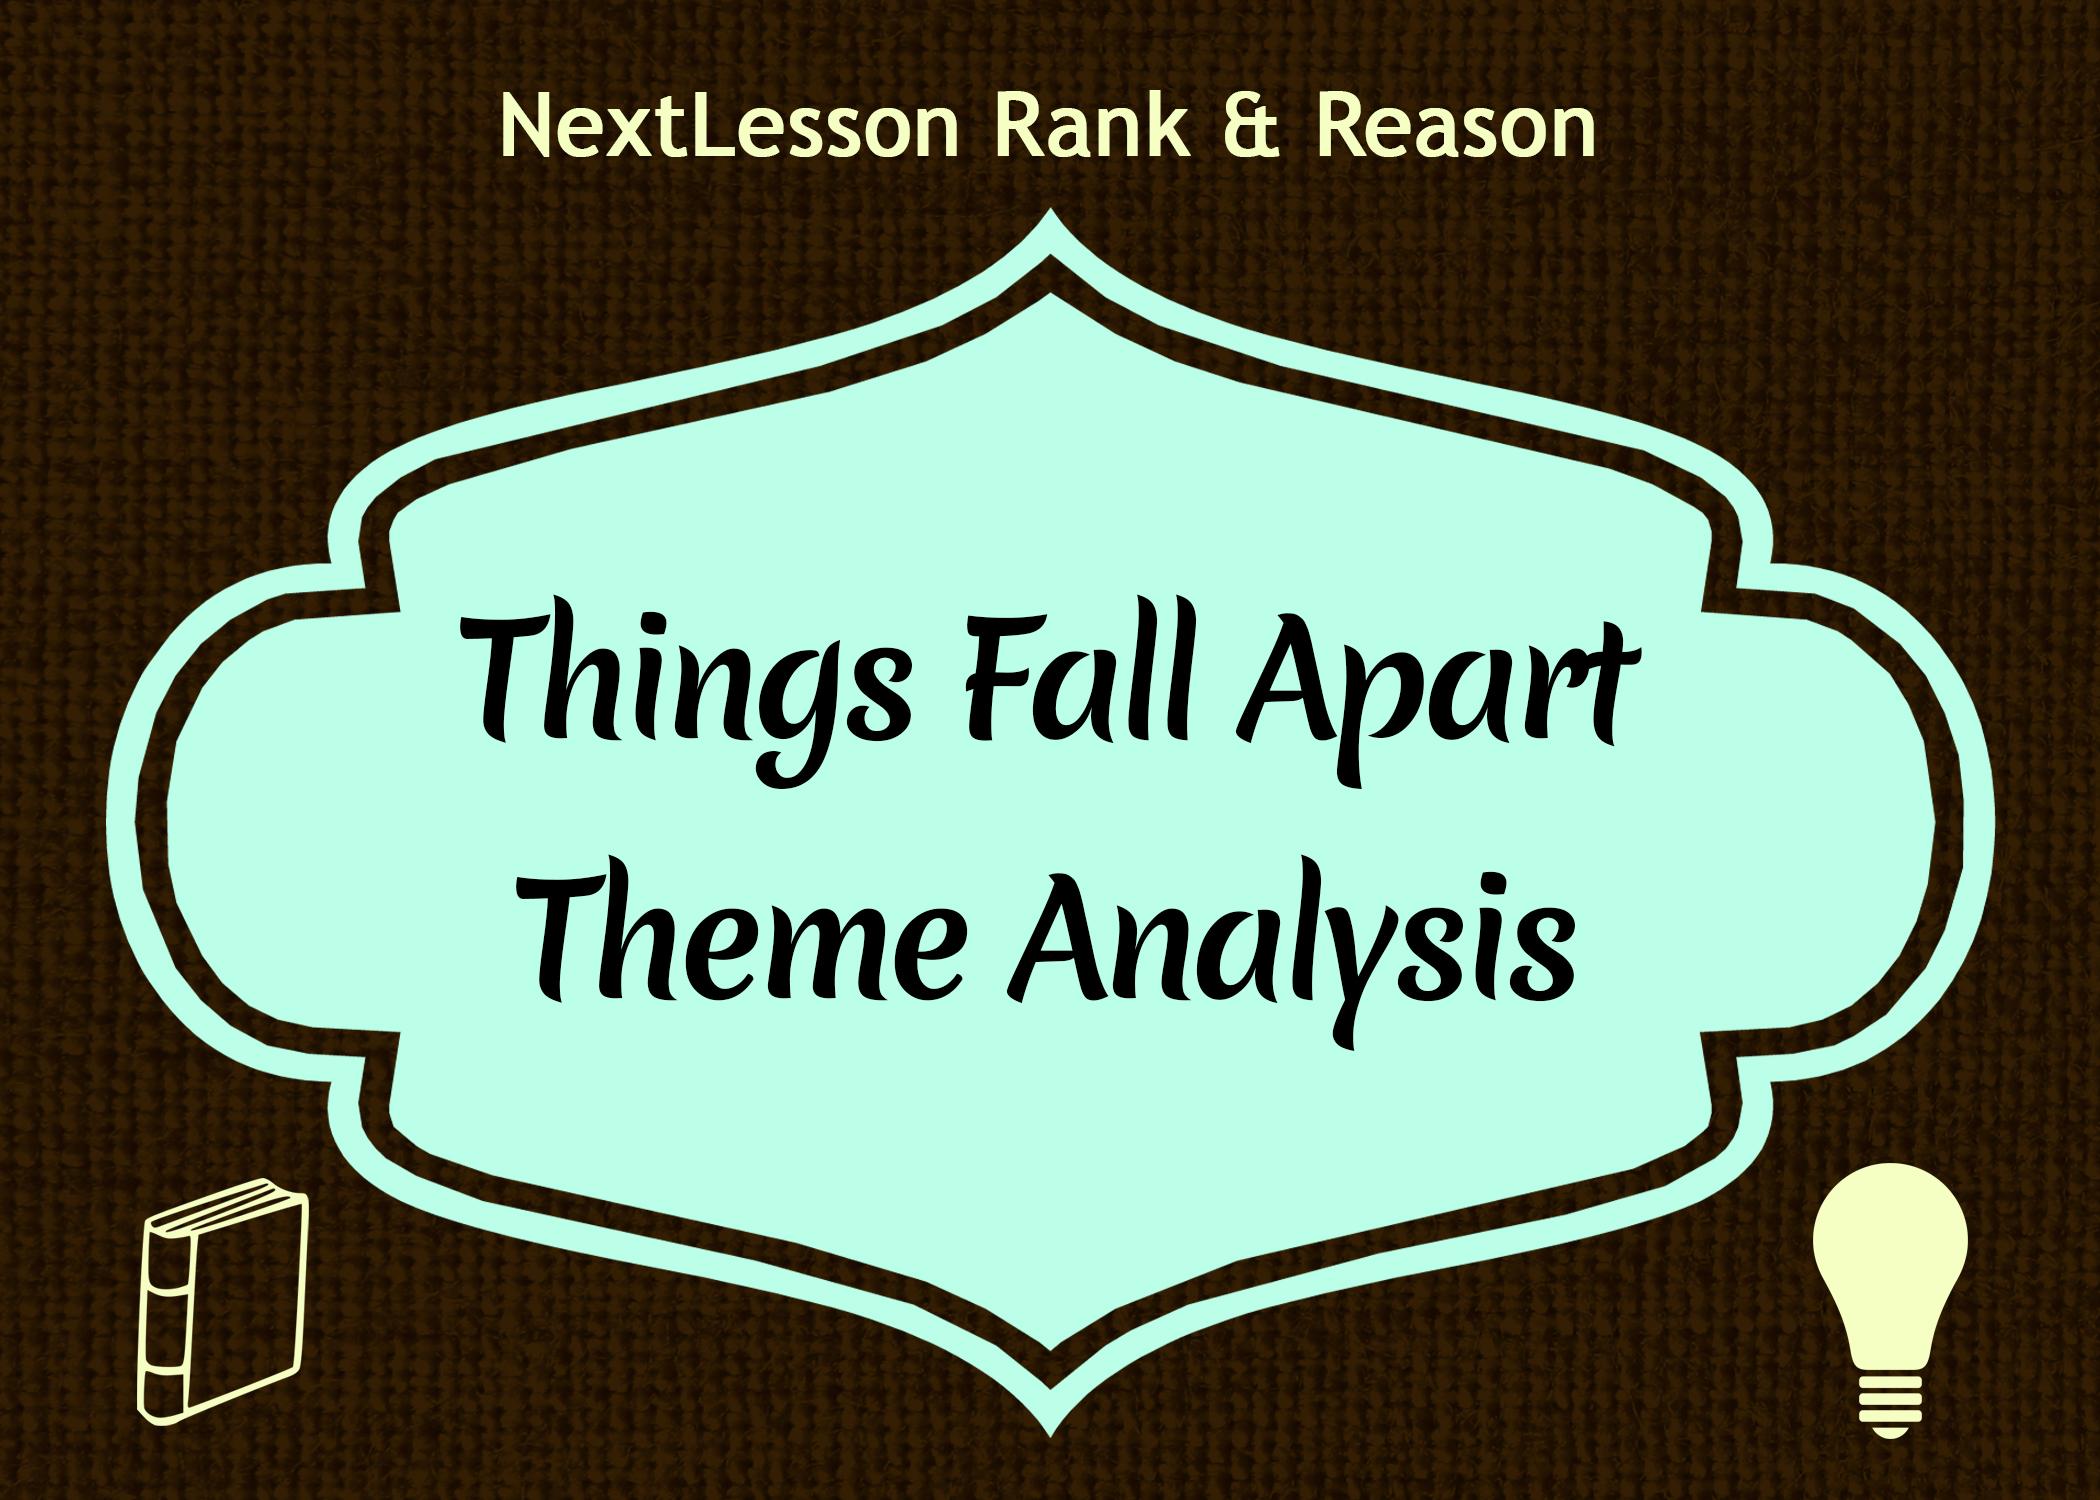 Things fall apart themes essay